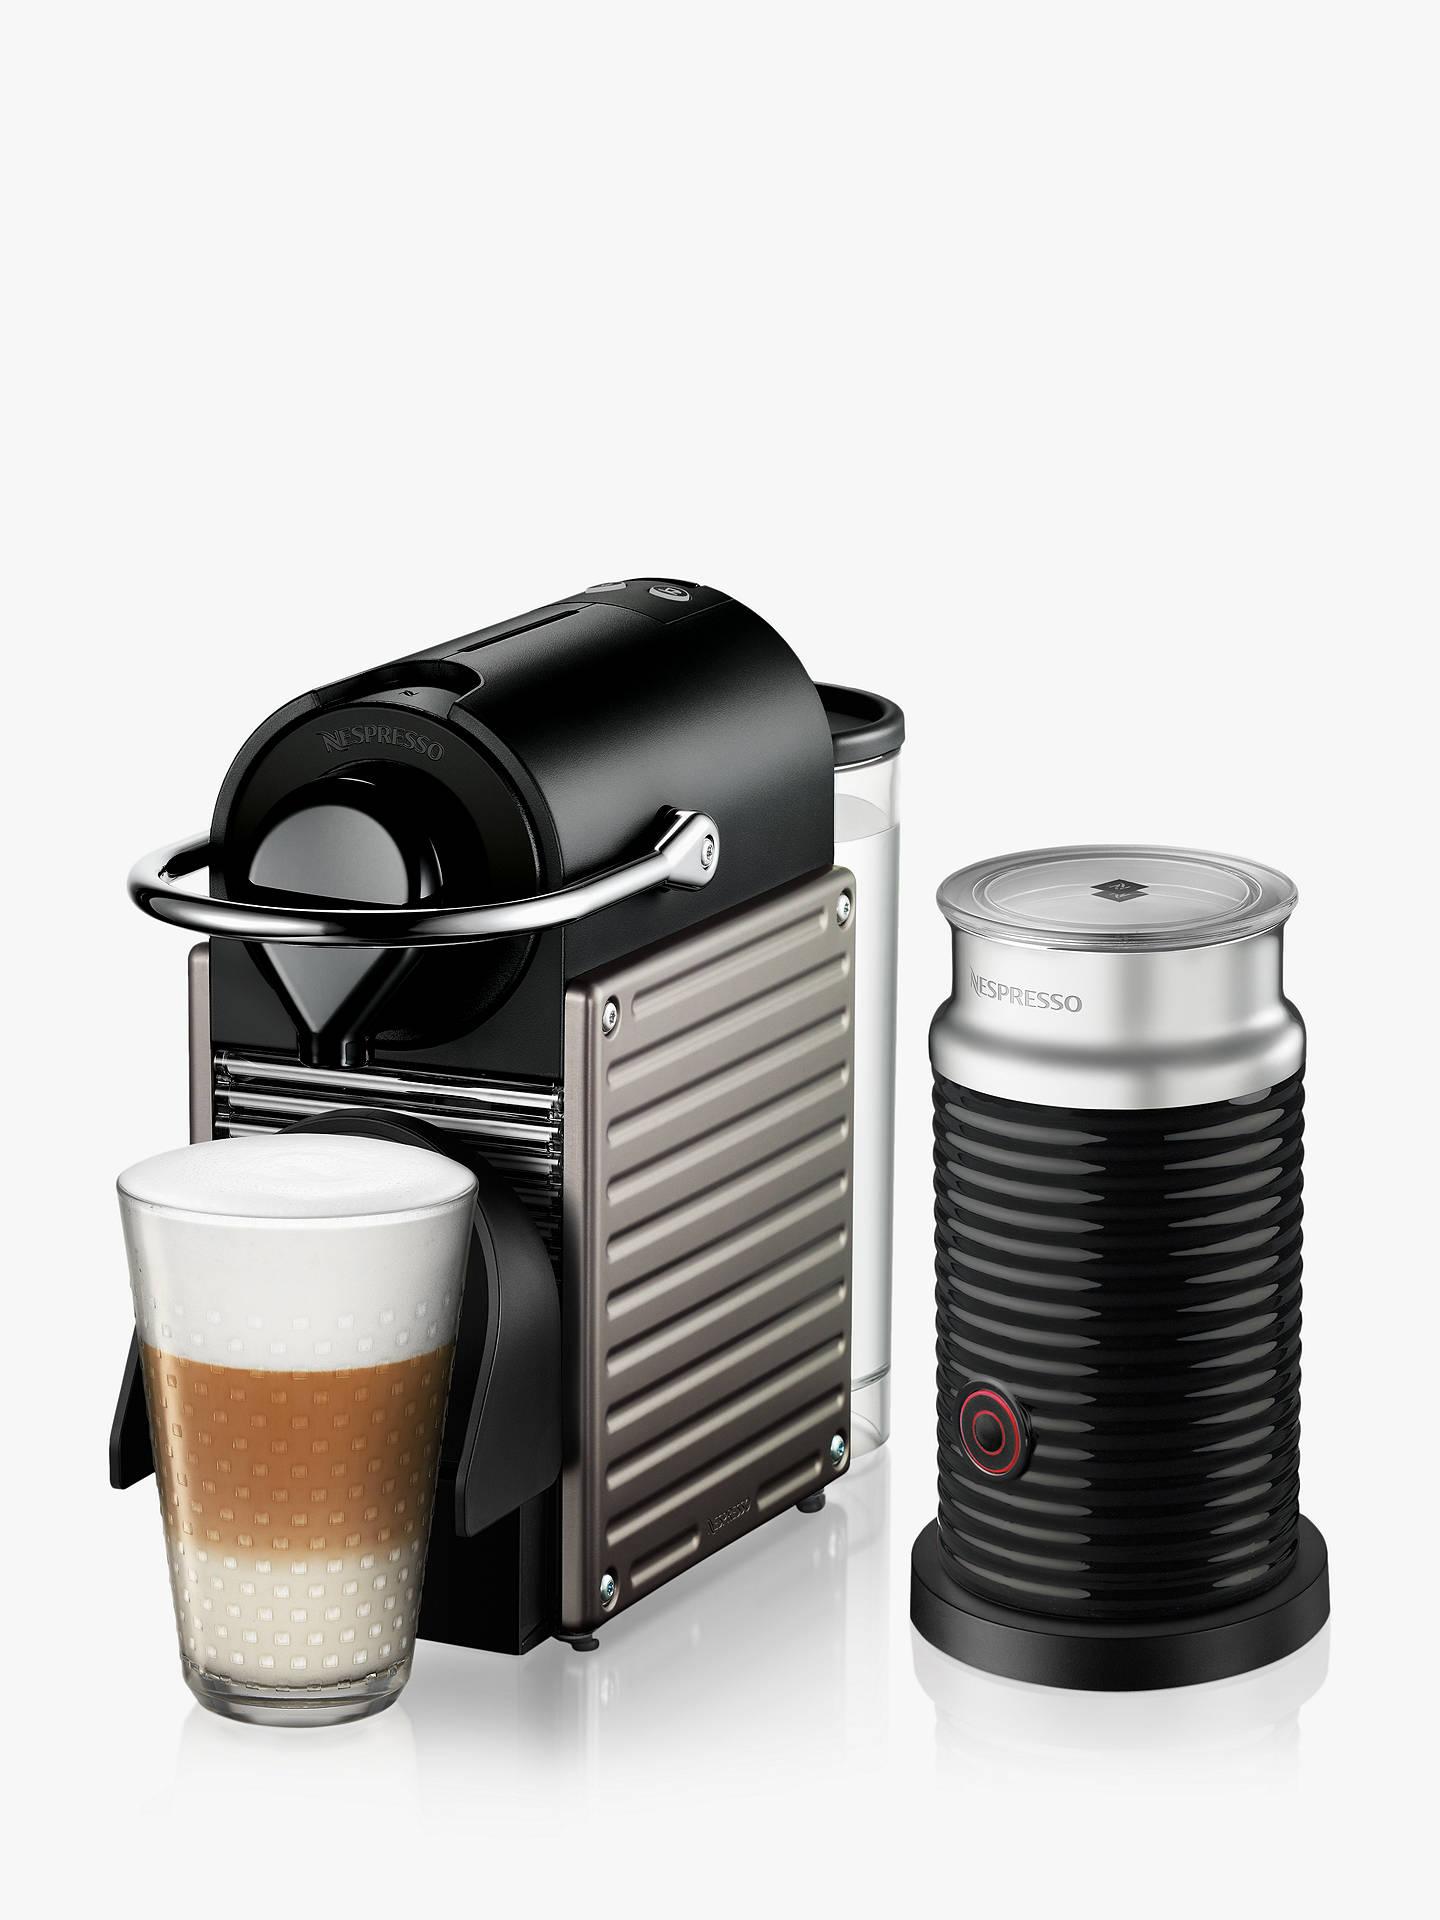 Nespresso Krups Pixie Xn305 T40 Coffee Machine & Aeroccino3 Milk Frother by Nespresso